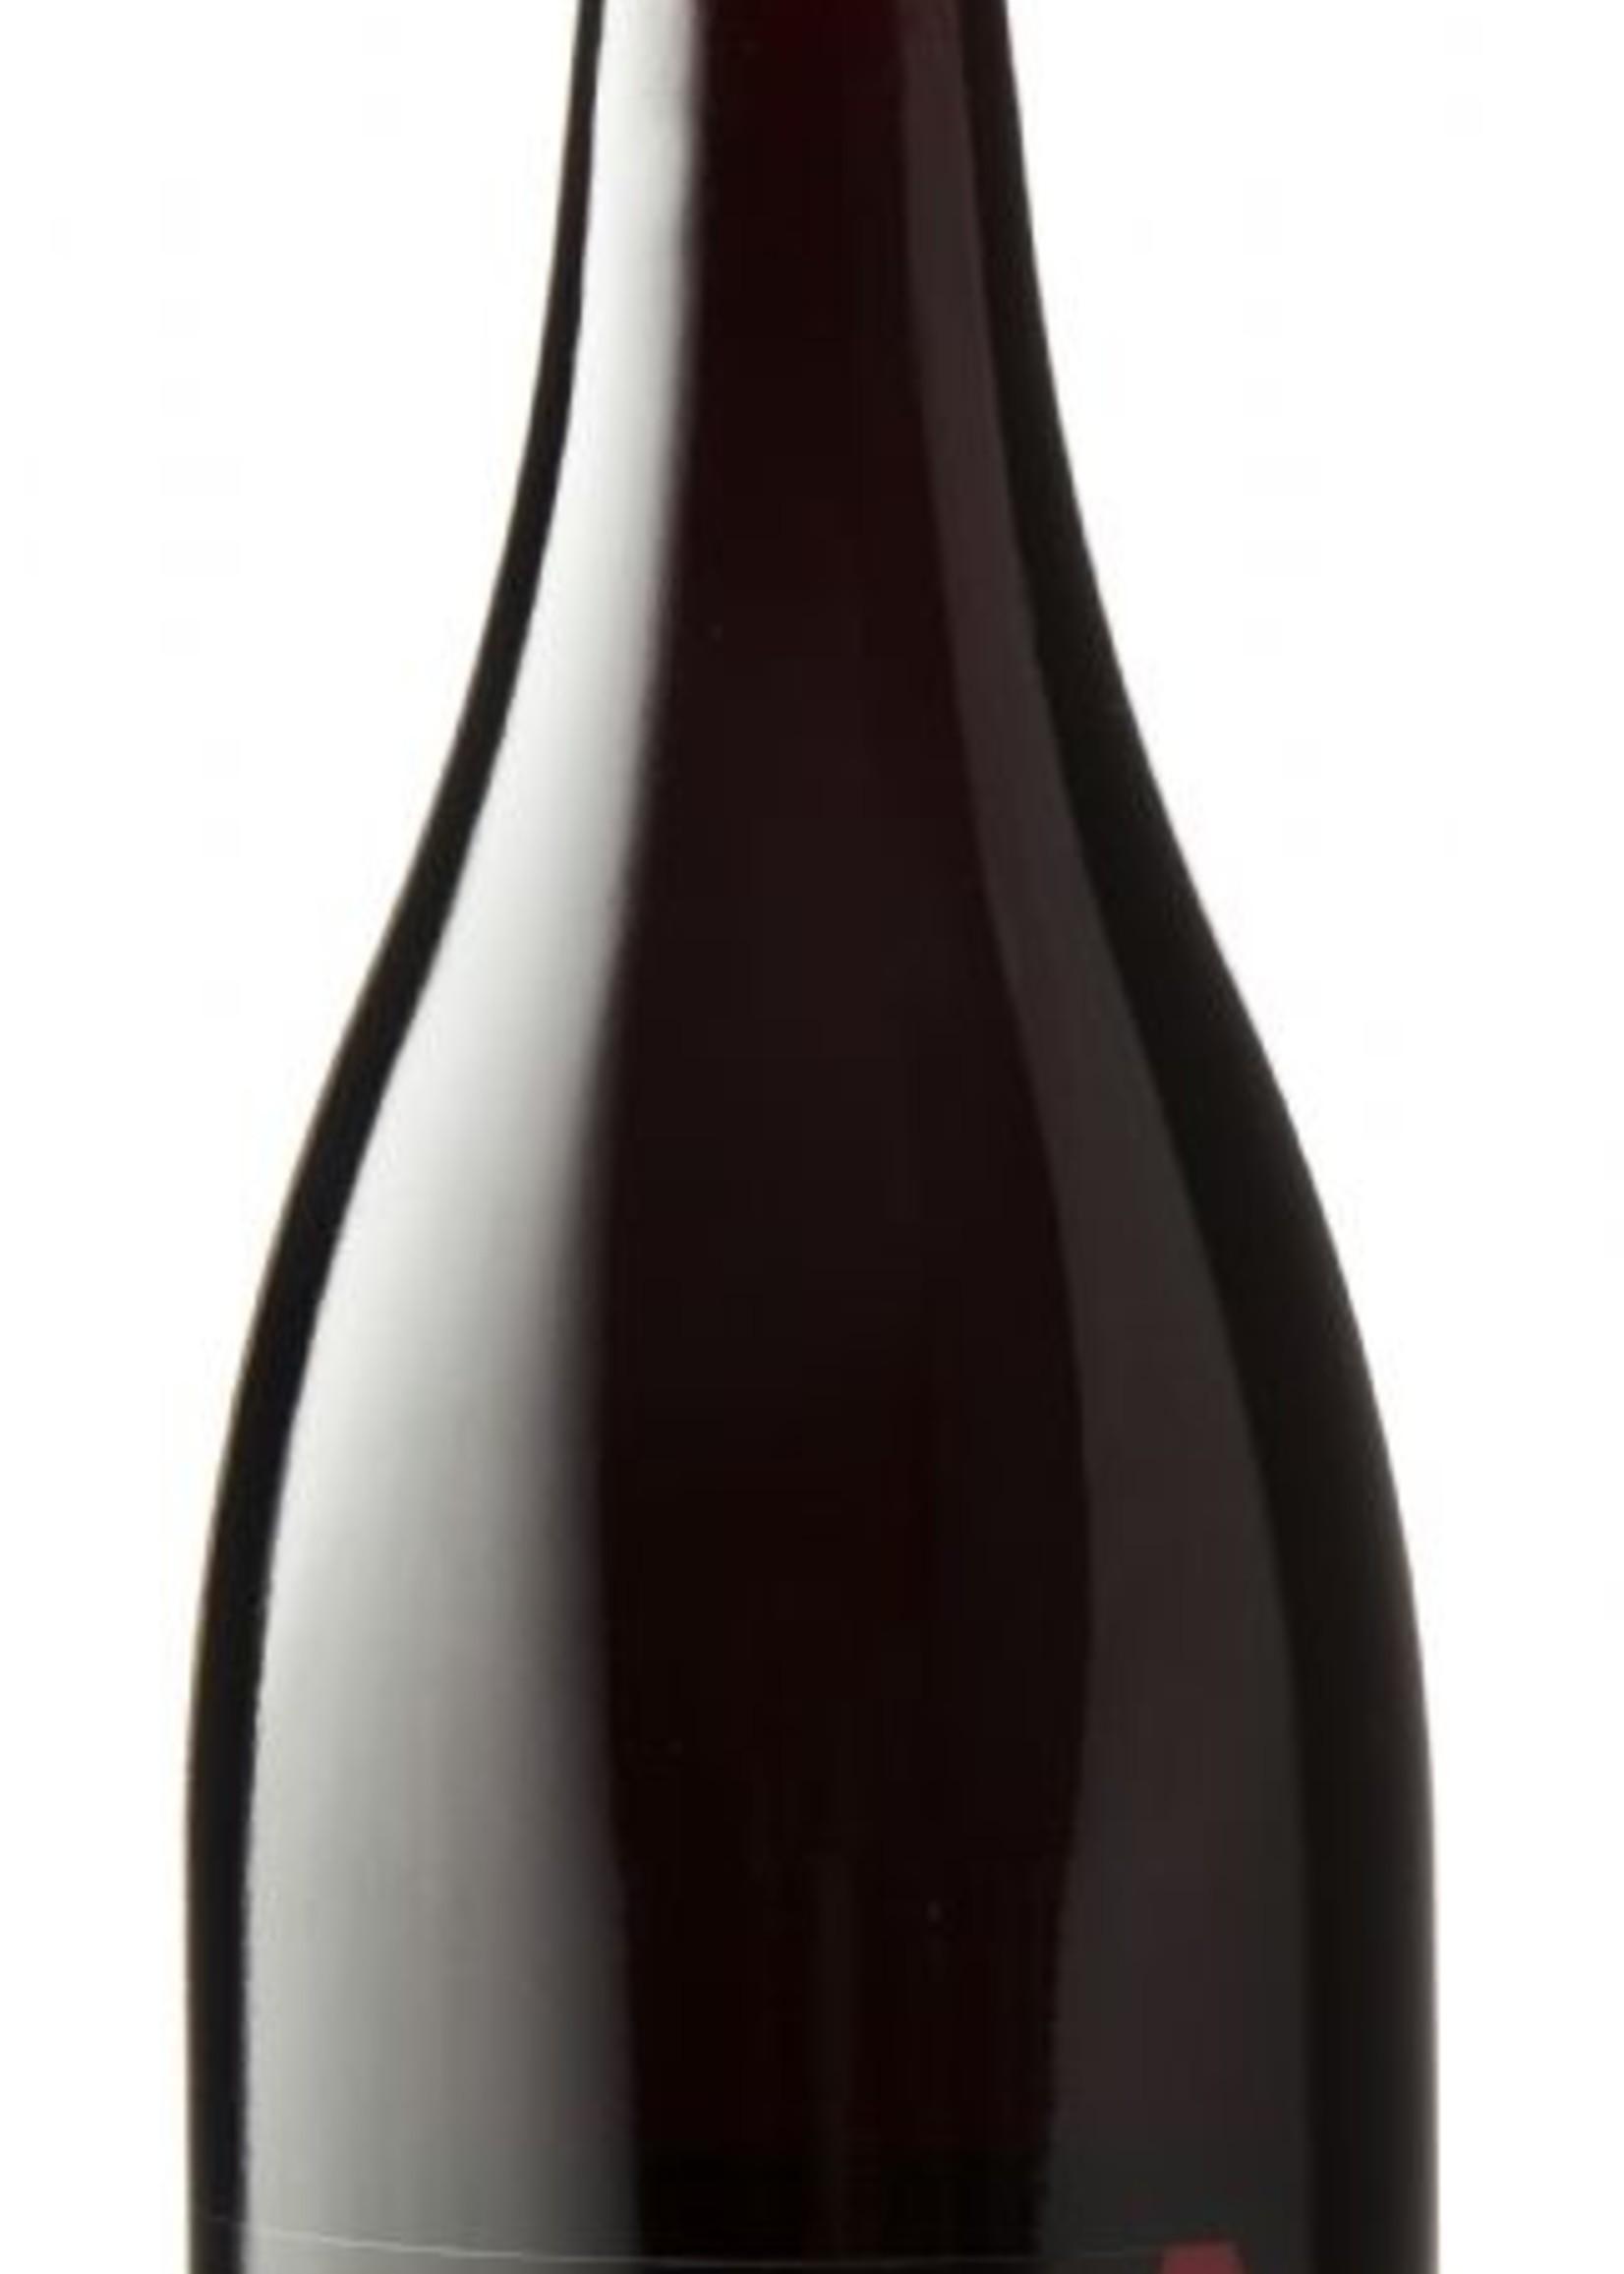 Anne Amie Cuvee A Pinot Noir